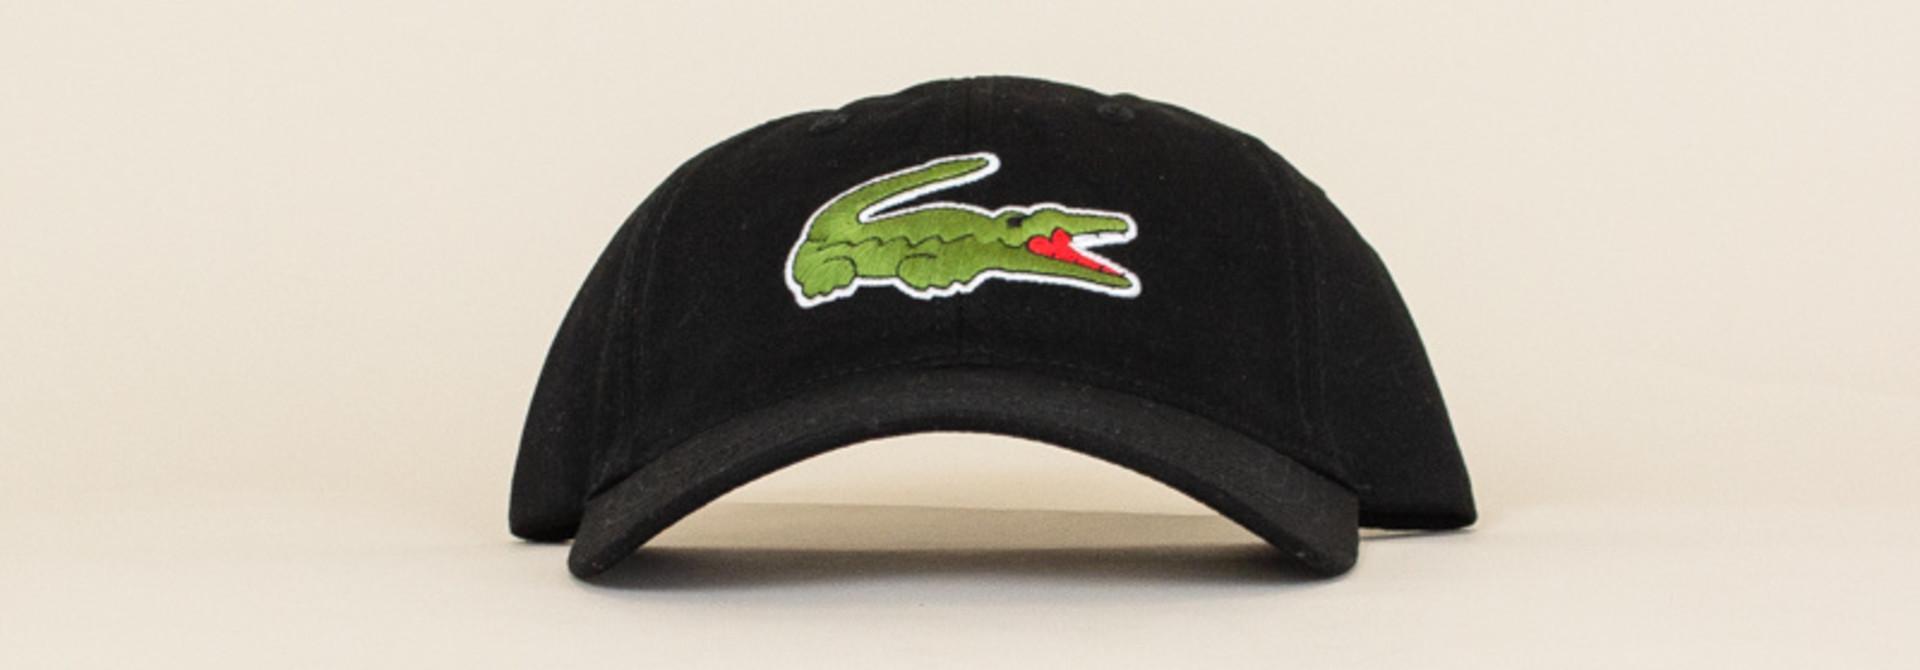 Lacoste Big Croc Cap - Black